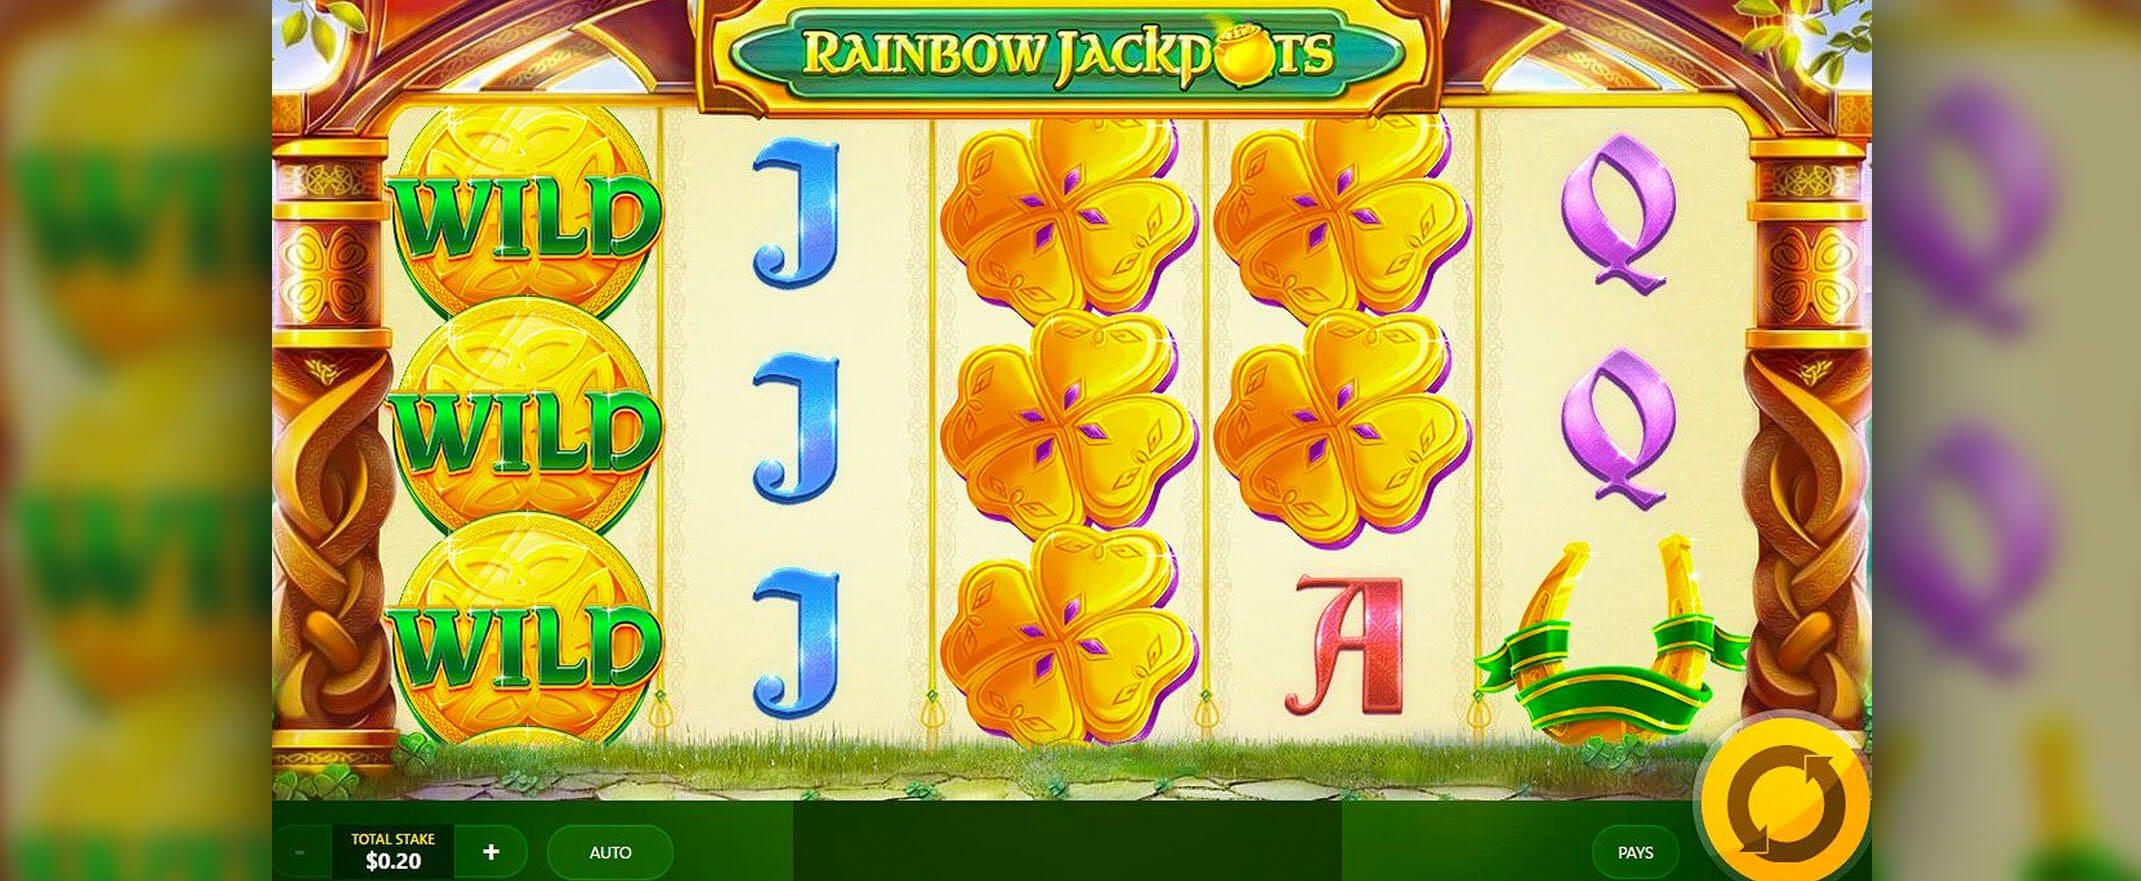 Rainbow Jackpots Slot Wild